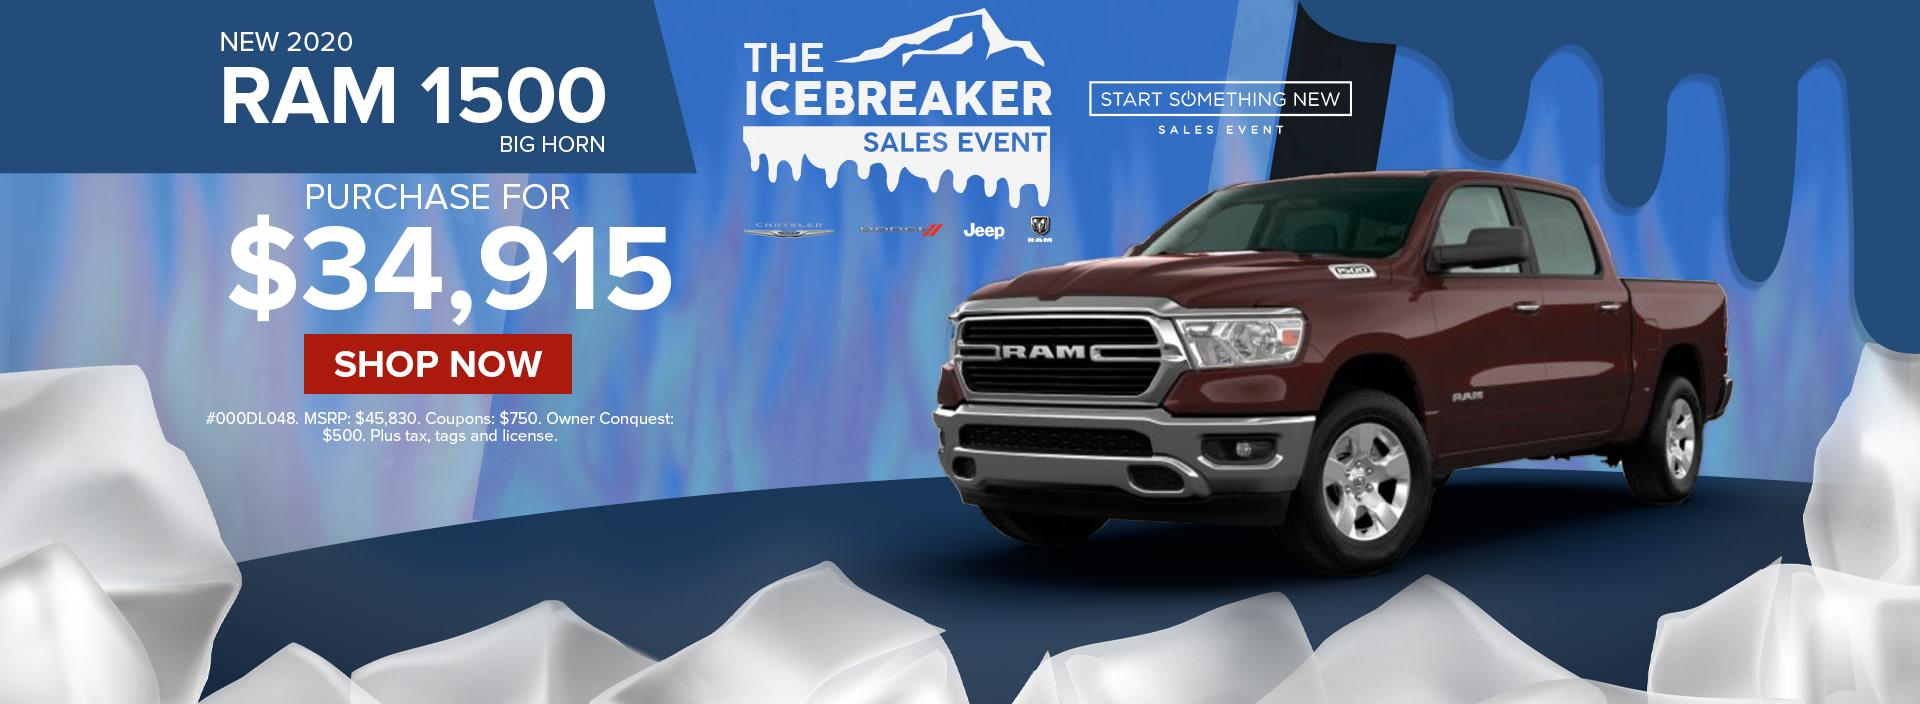 Best deal on a 2020 Ram 1500 truck at Norristown Ram